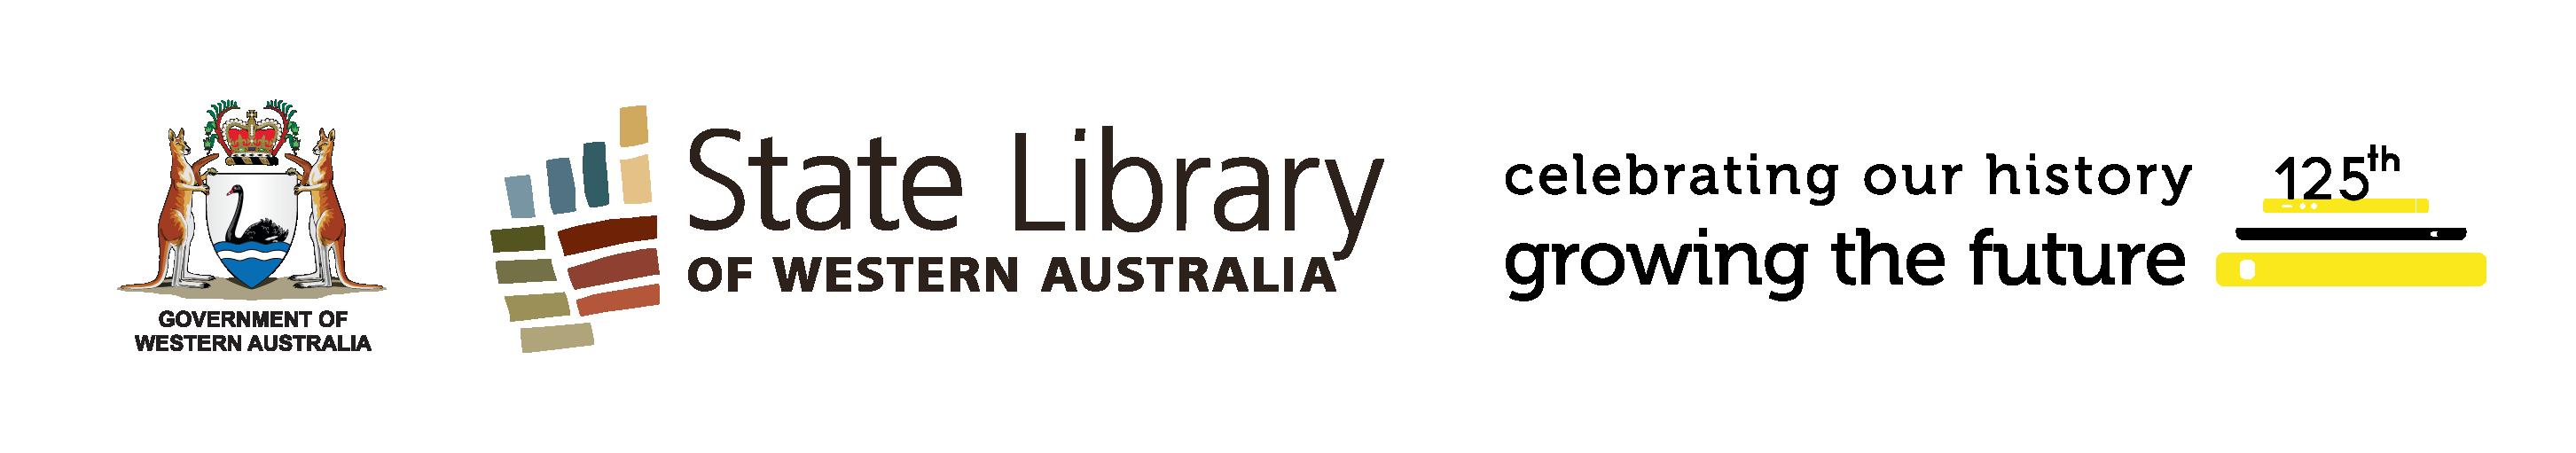 State library WA 125